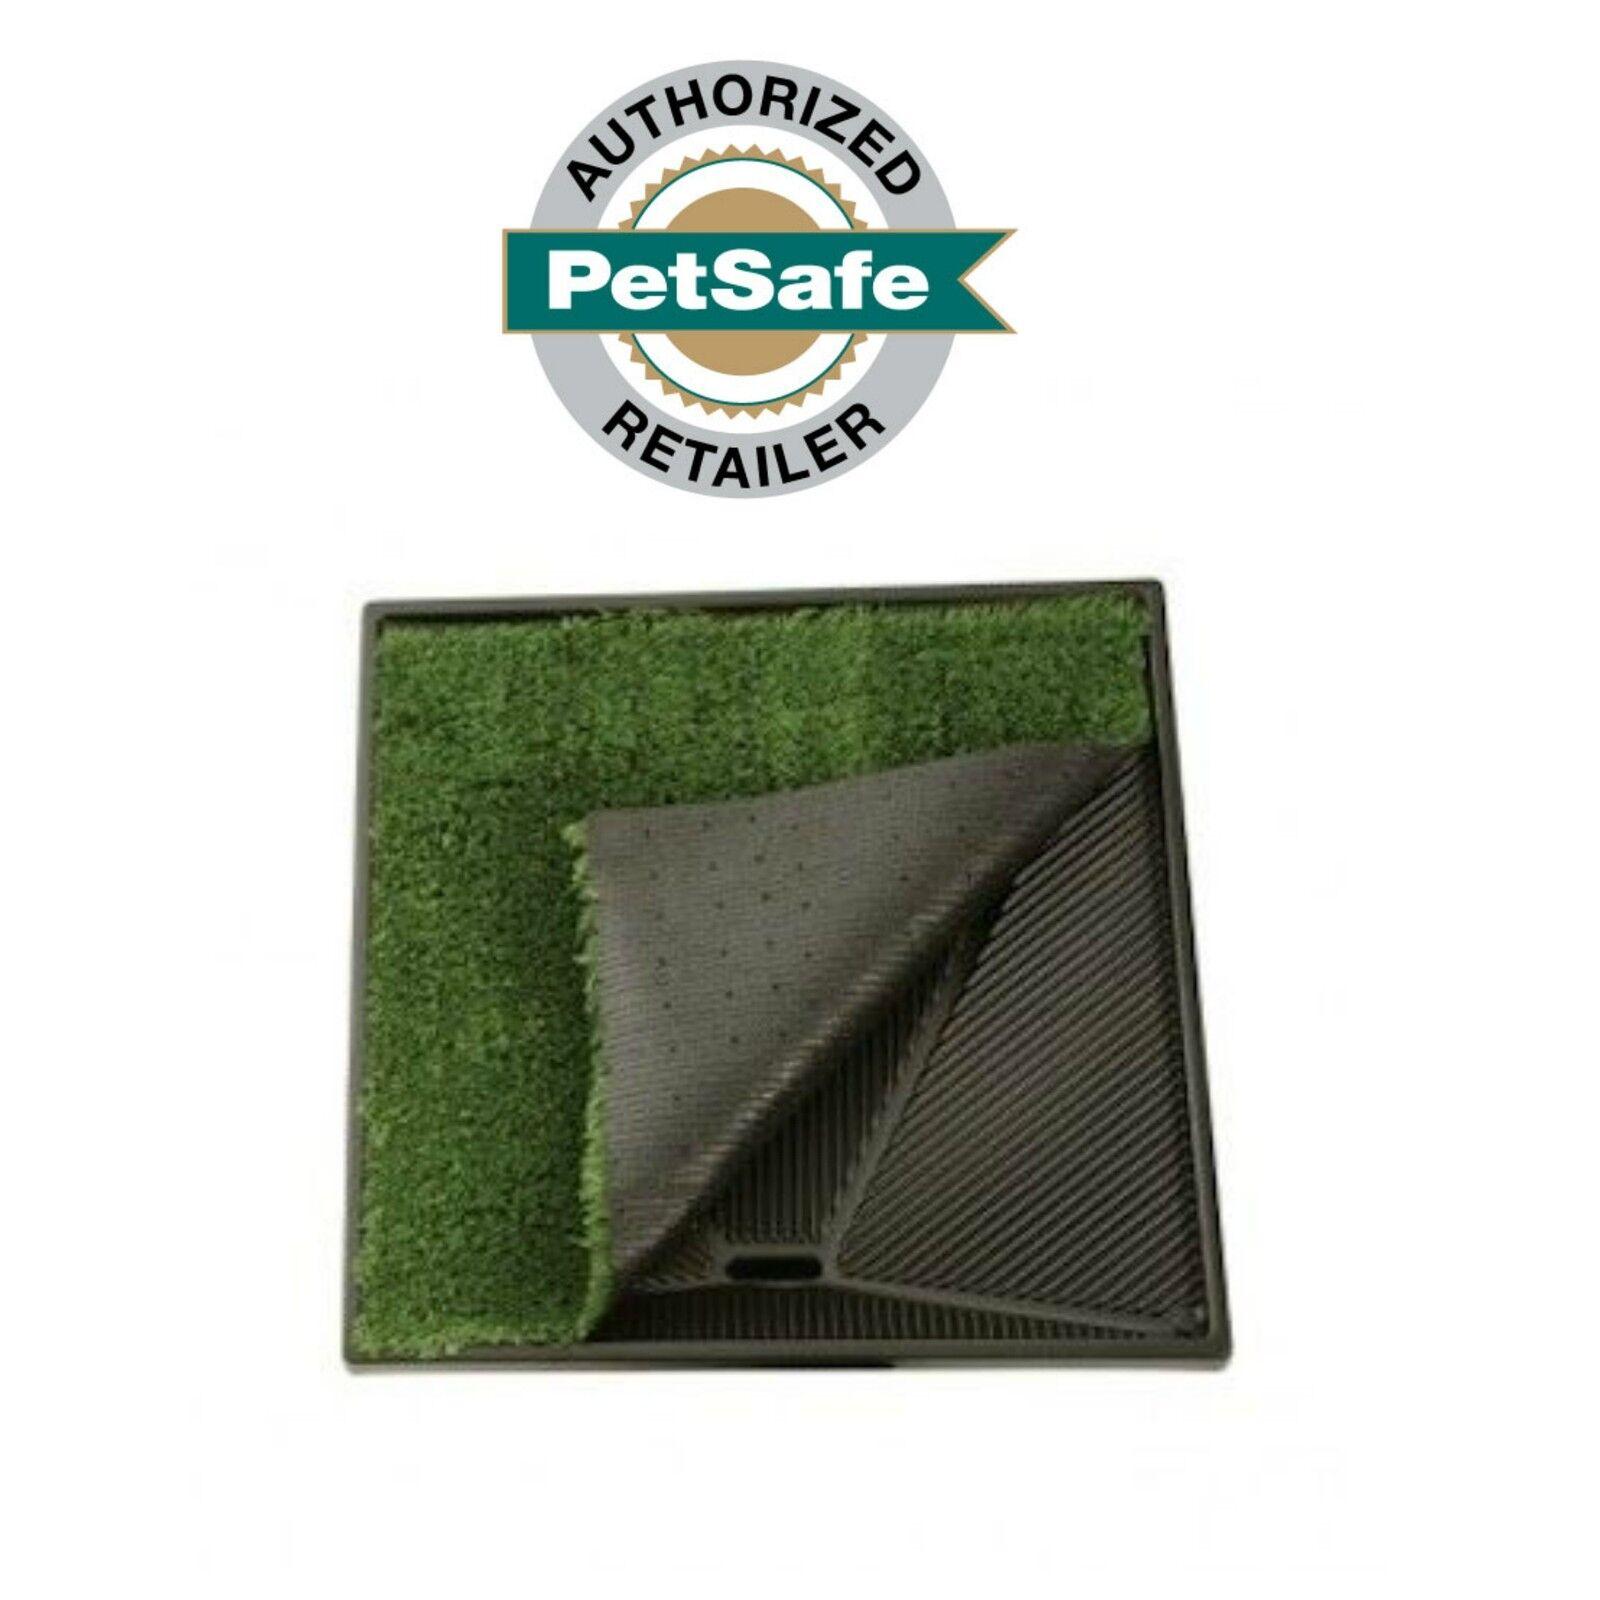 PetSafe Pet Loo Plush Replacement Grass Small, Medium & Larg